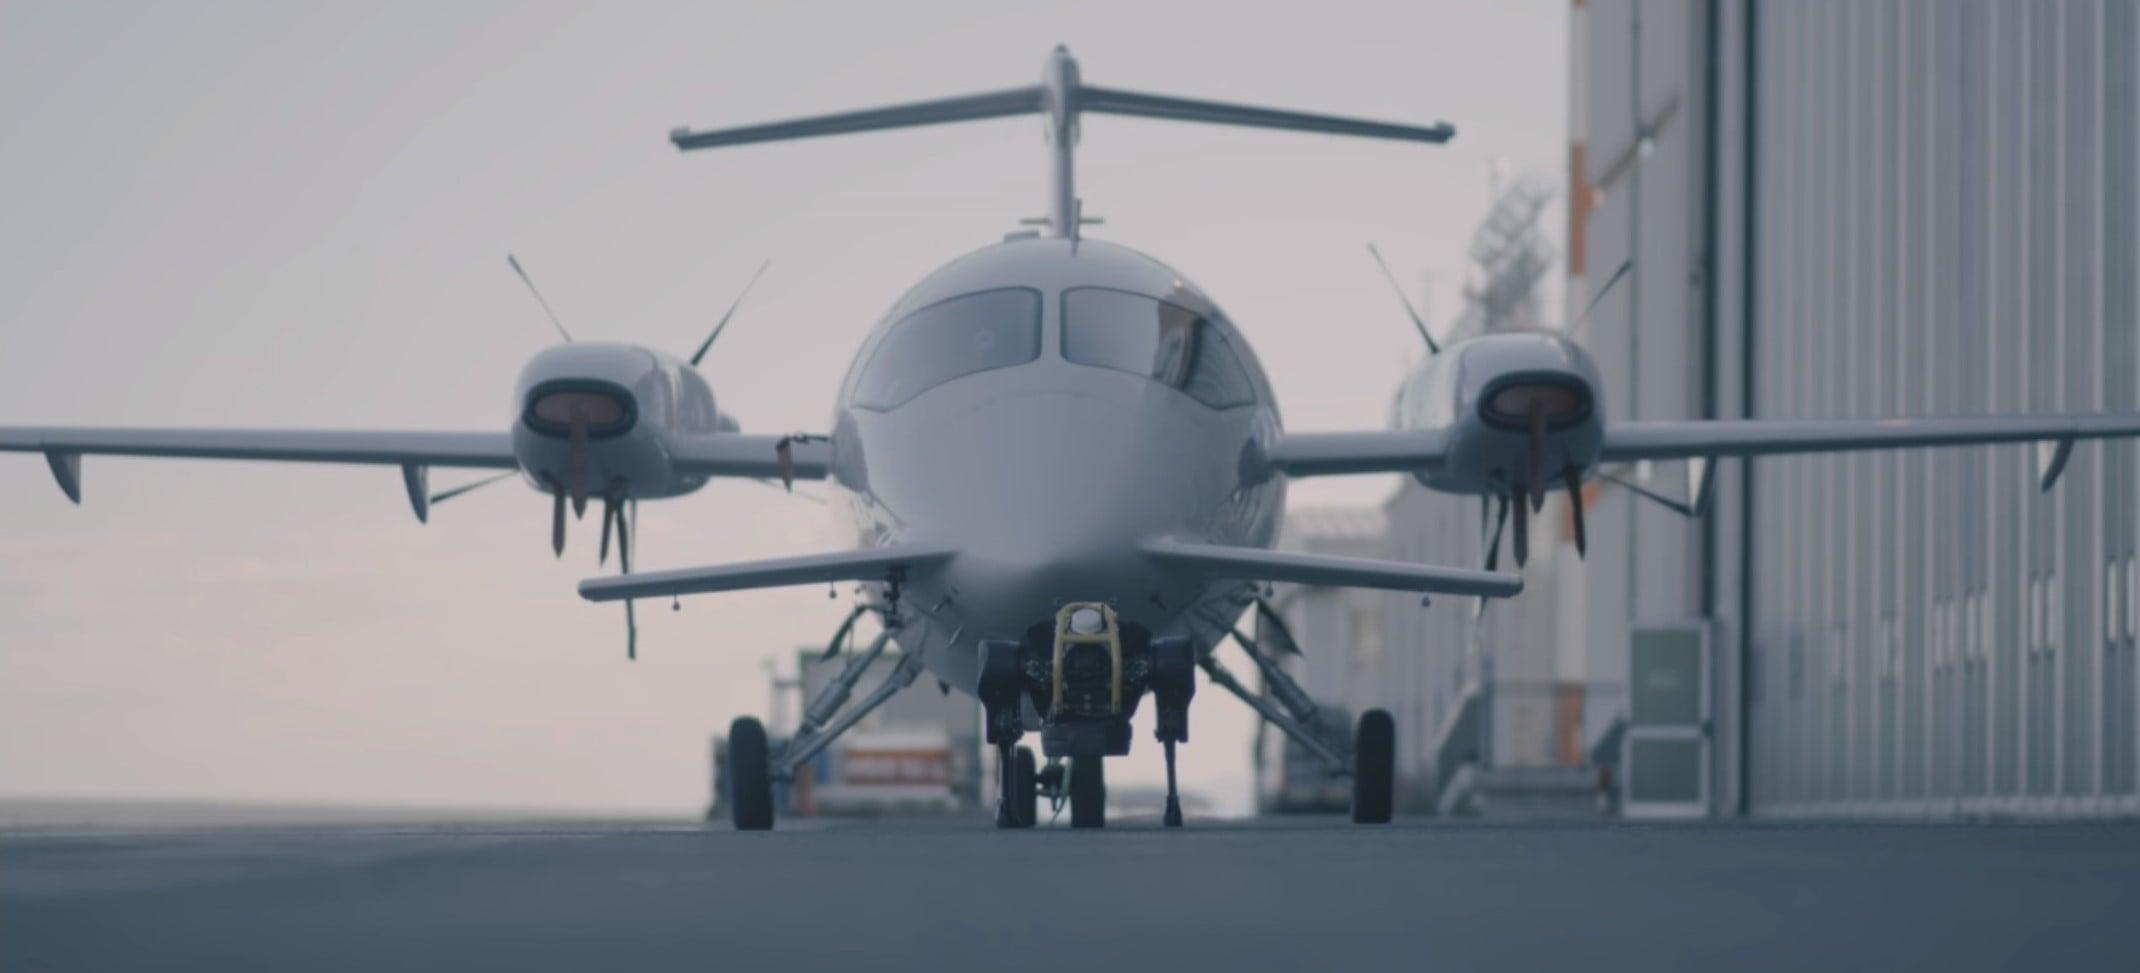 Zakłócenia w kokpicie pilotów z powodu niewyłączonego telefonu na pokładzie samolotu? Zdarza się